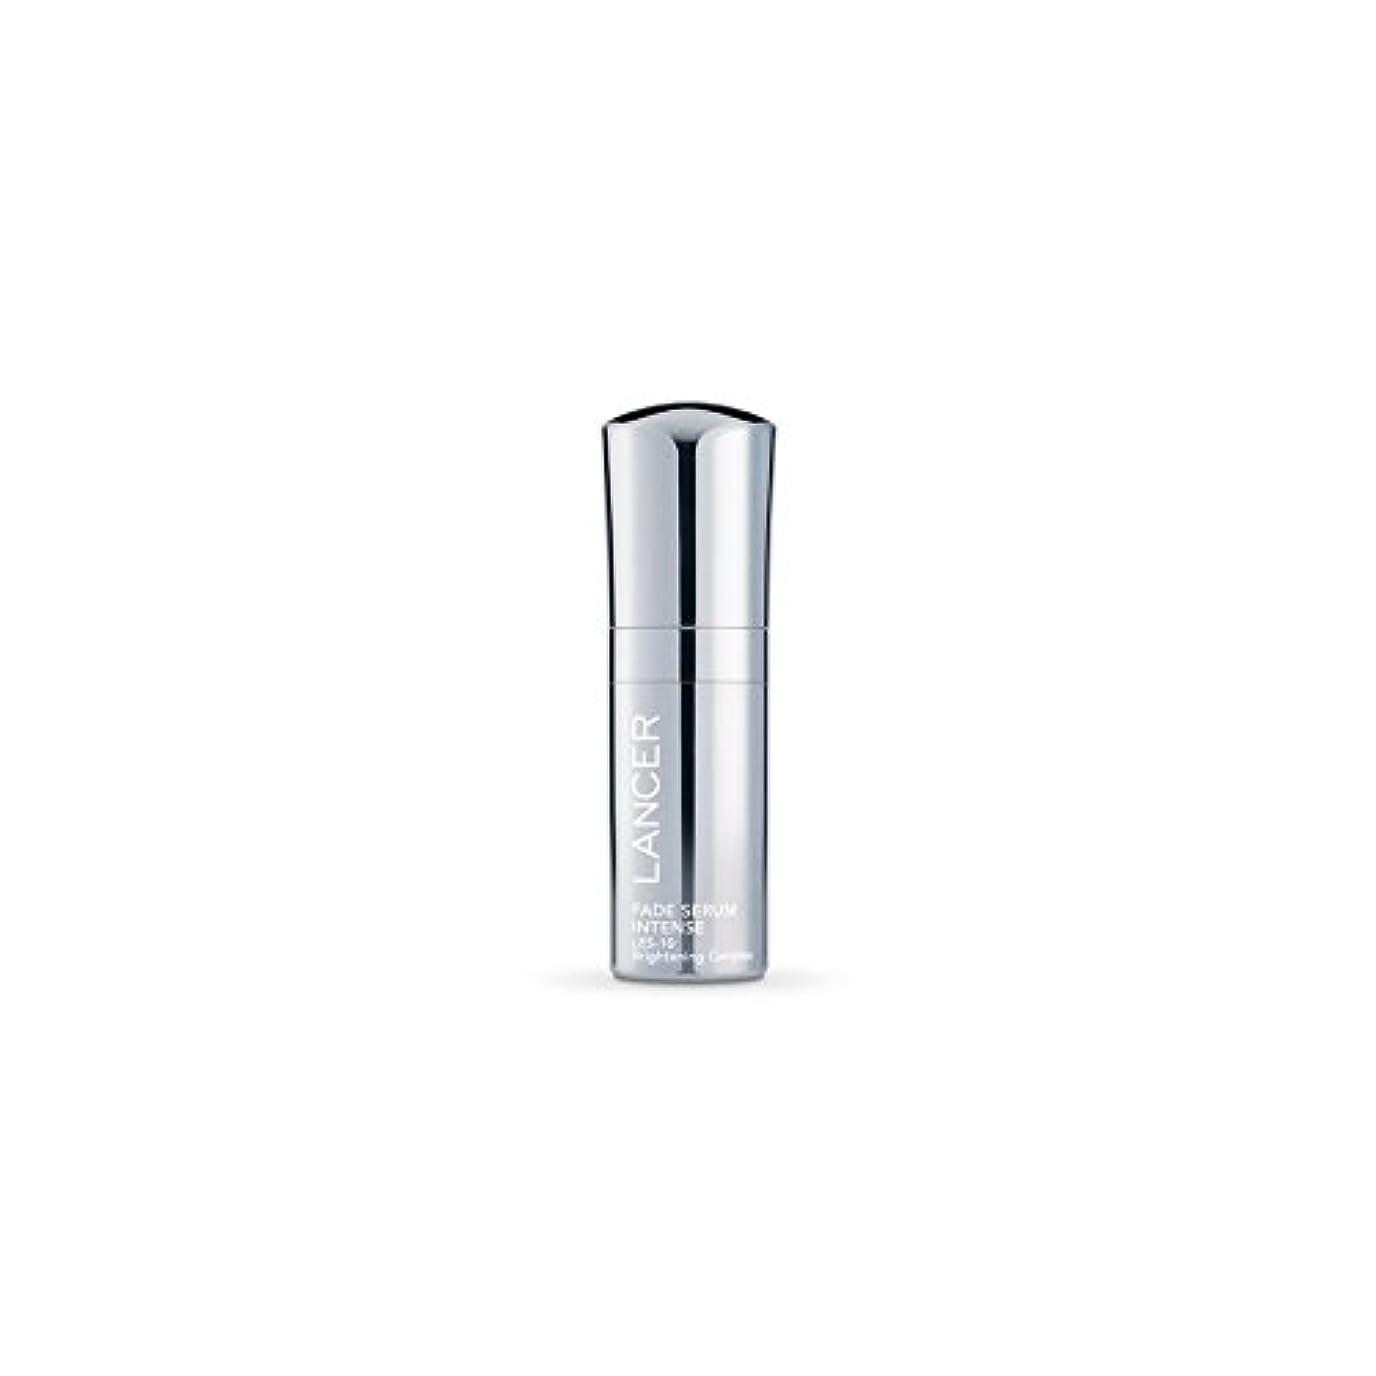 予備極めて重要なストラップ強烈ランサースキンケアフェード血清(30ミリリットル) x2 - Lancer Skincare Fade Serum Intense (30ml) (Pack of 2) [並行輸入品]